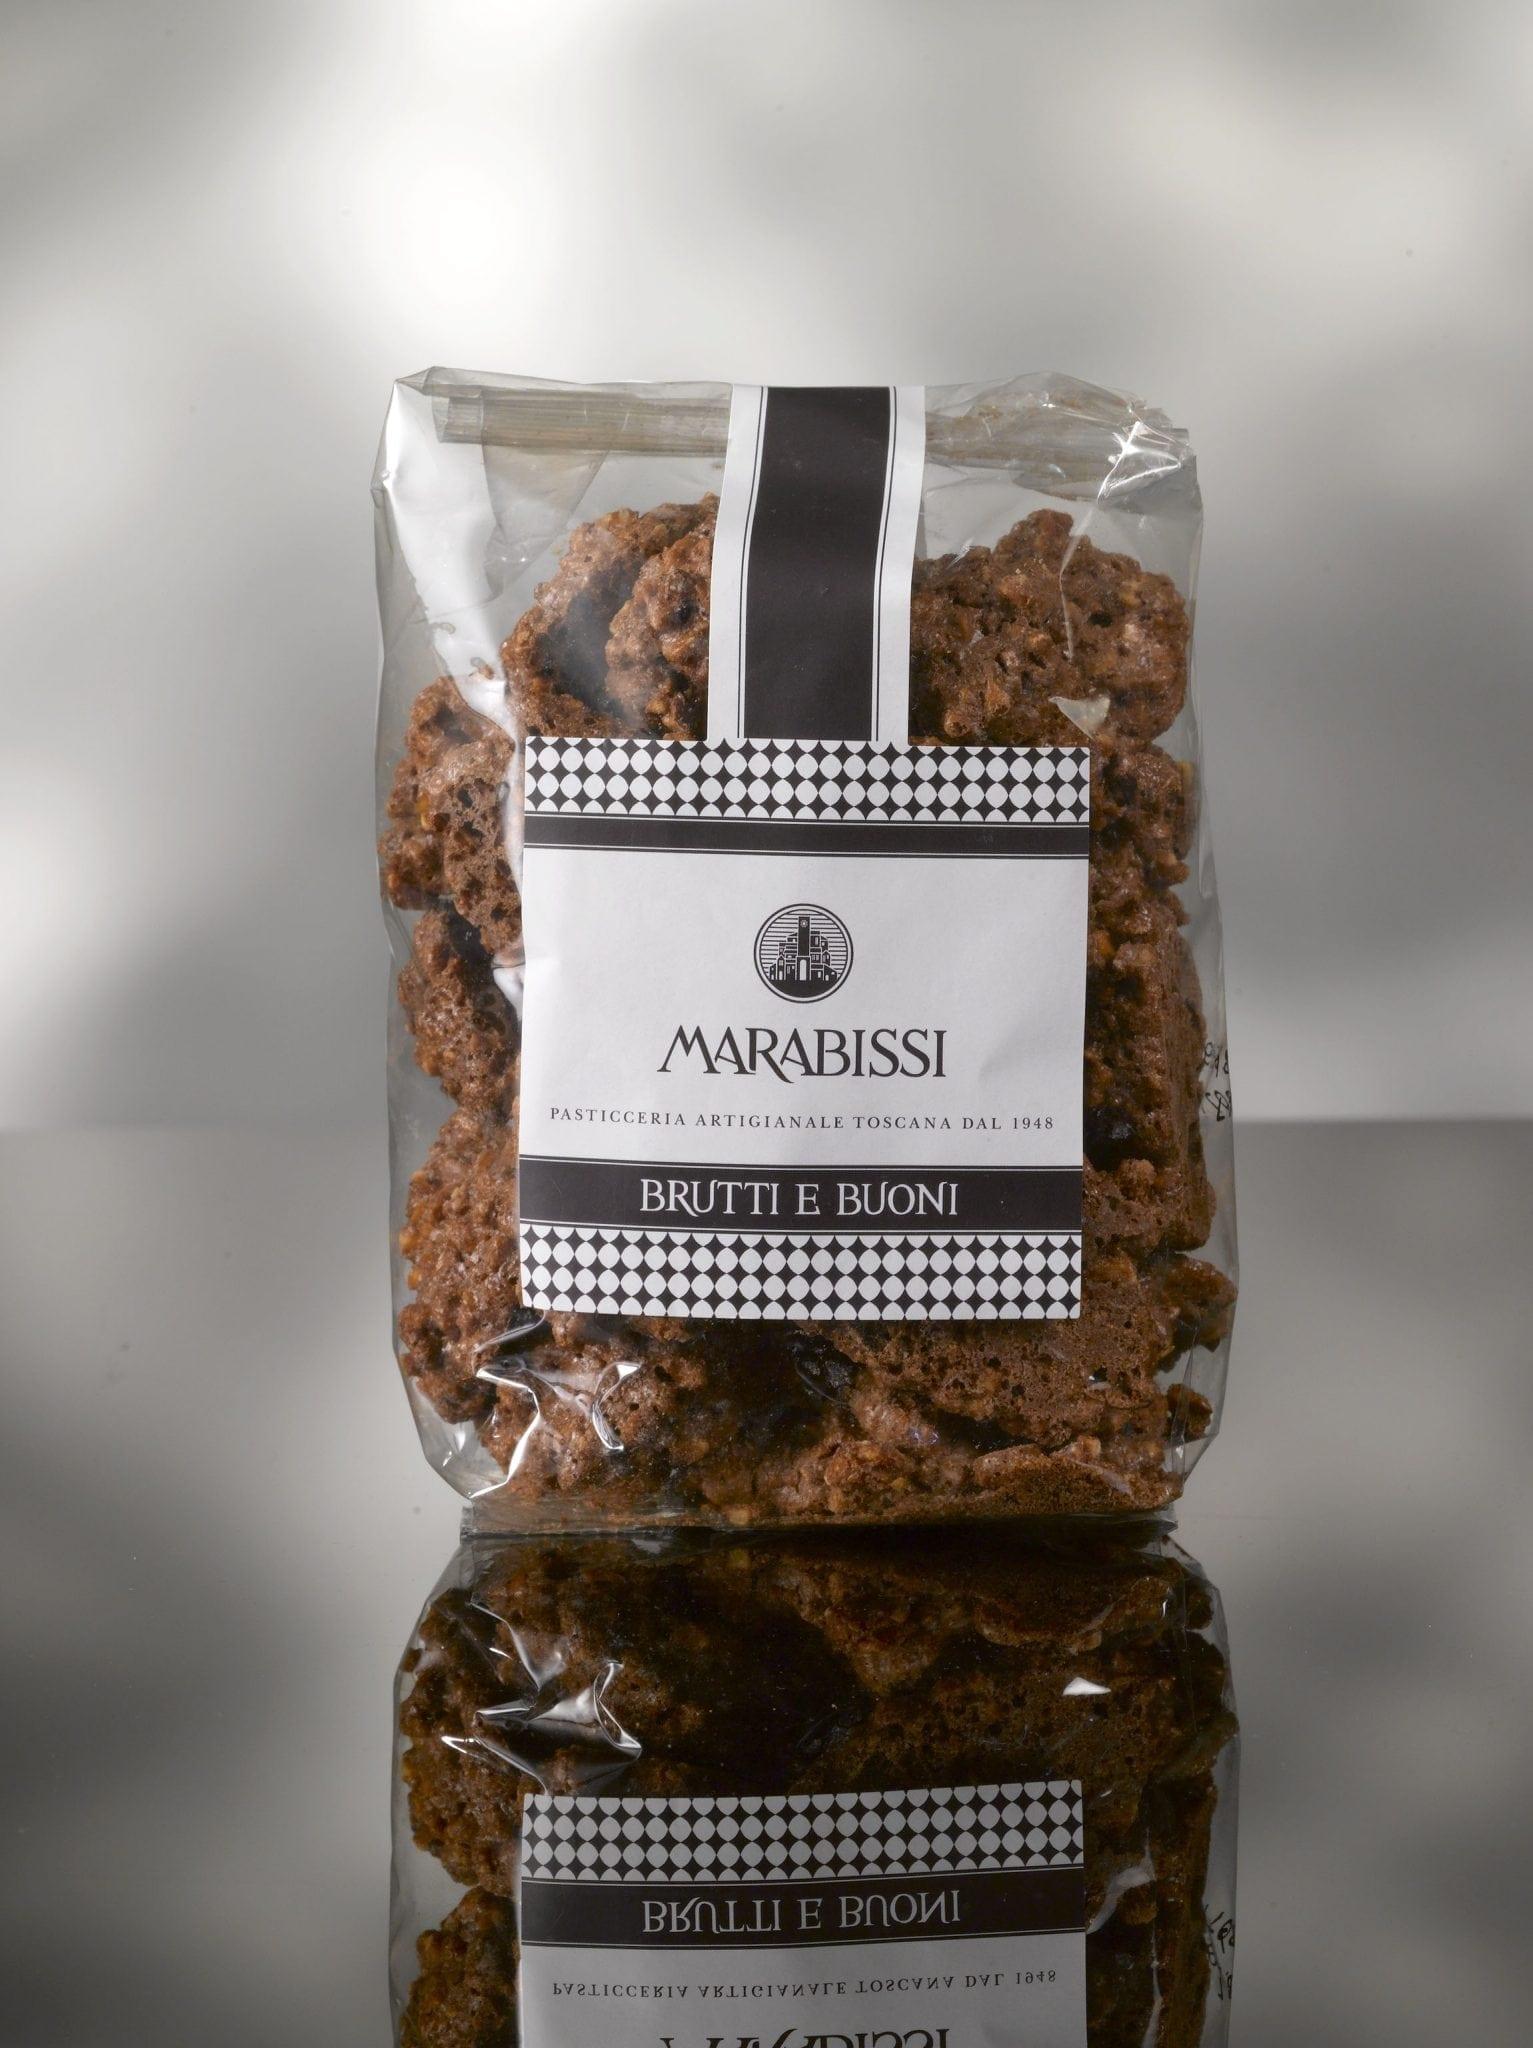 Marabissi, Brutti & buoni 200 gr